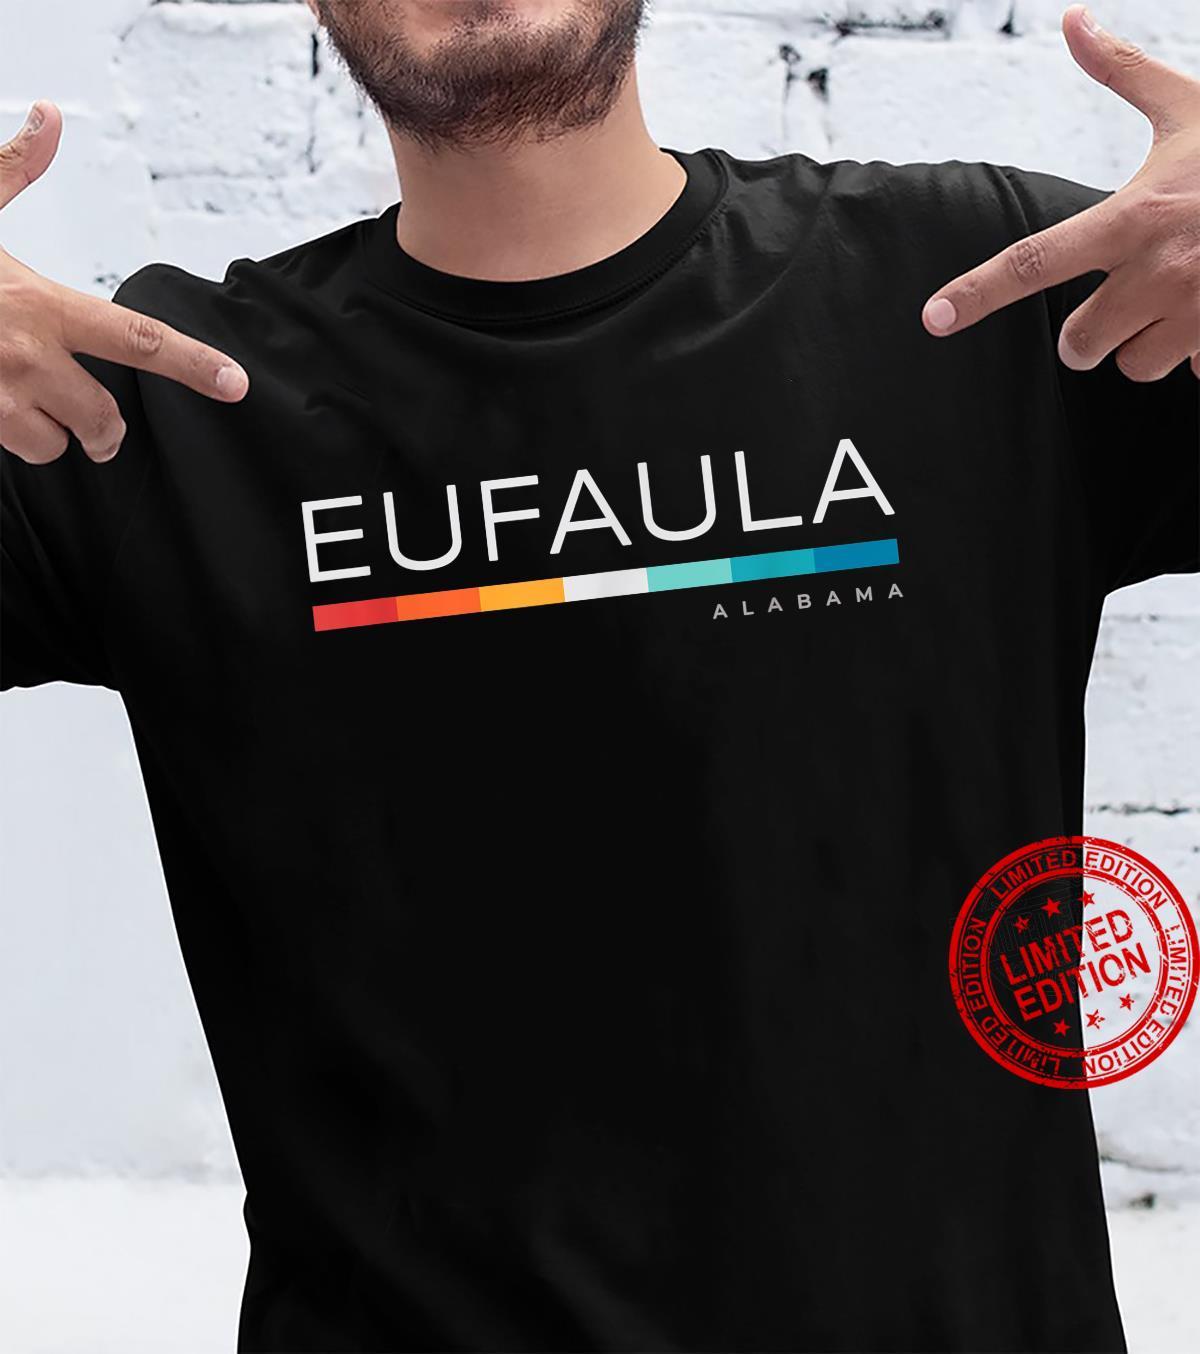 Eufaula AL Alabama Retro Design Shirt